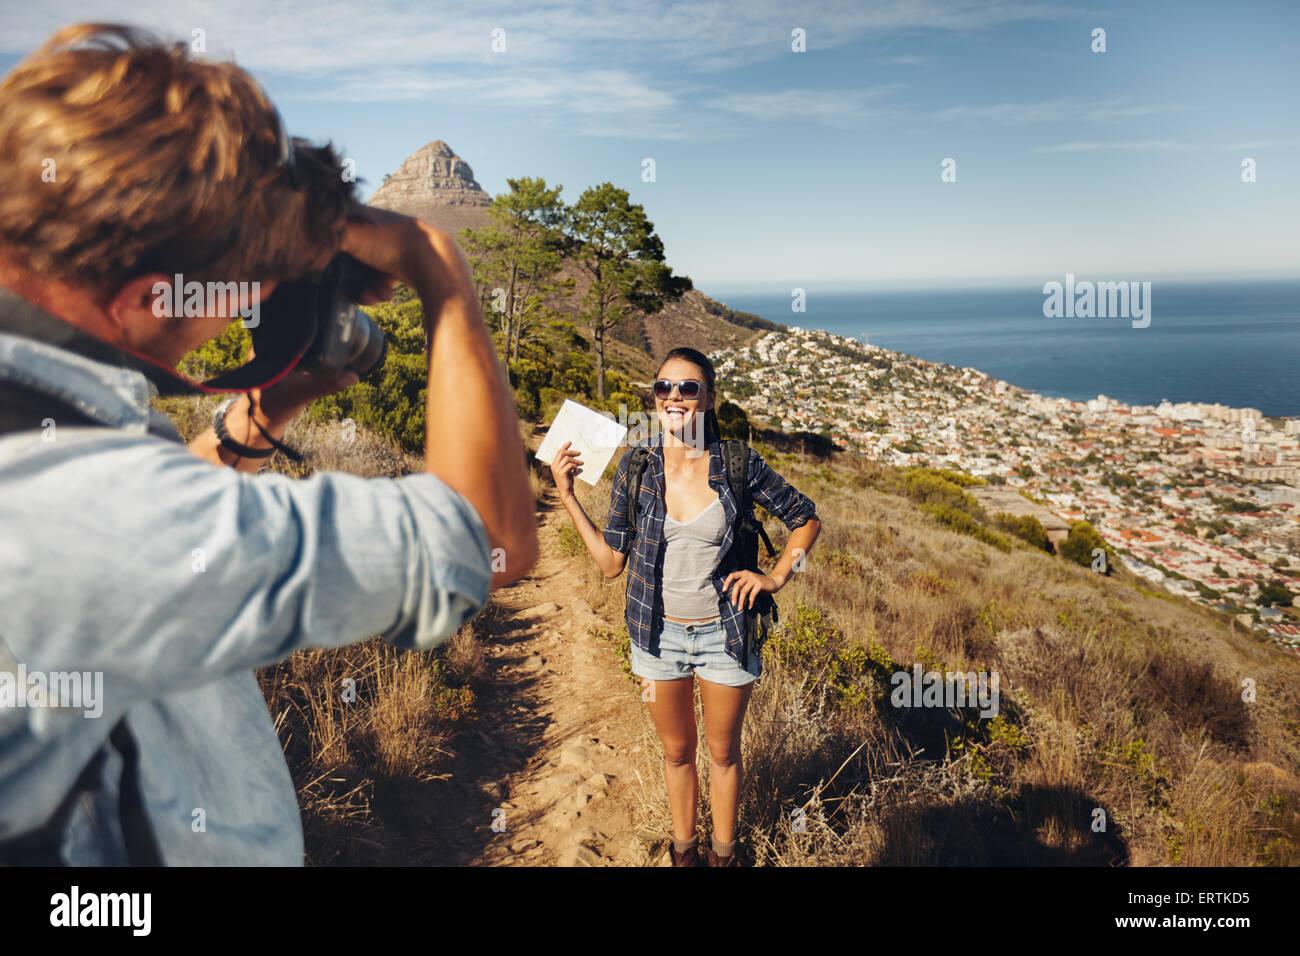 Junger Mann die Fotos von hübschen Freundin zeigt eine Karte in Landschaft beim Wandern in den Sommerferien. Stockbild